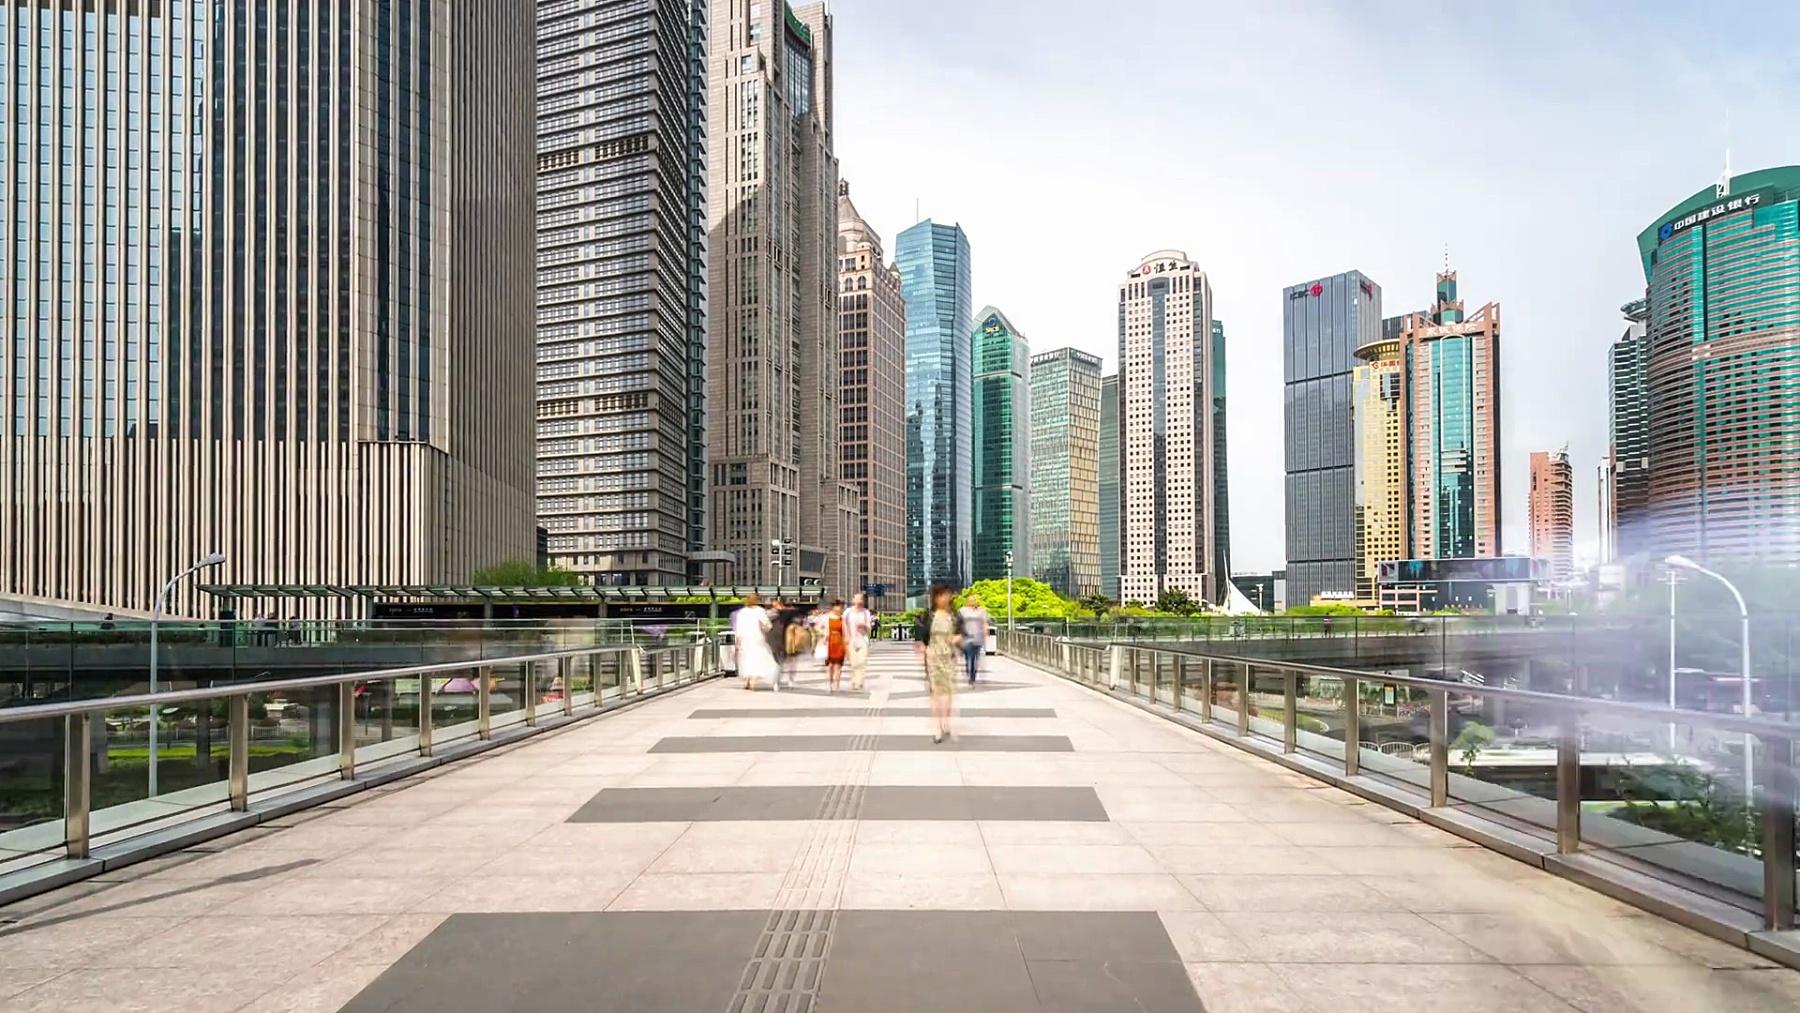 在现代城市中,人行道上挤满了穿过现代建筑的人。延时